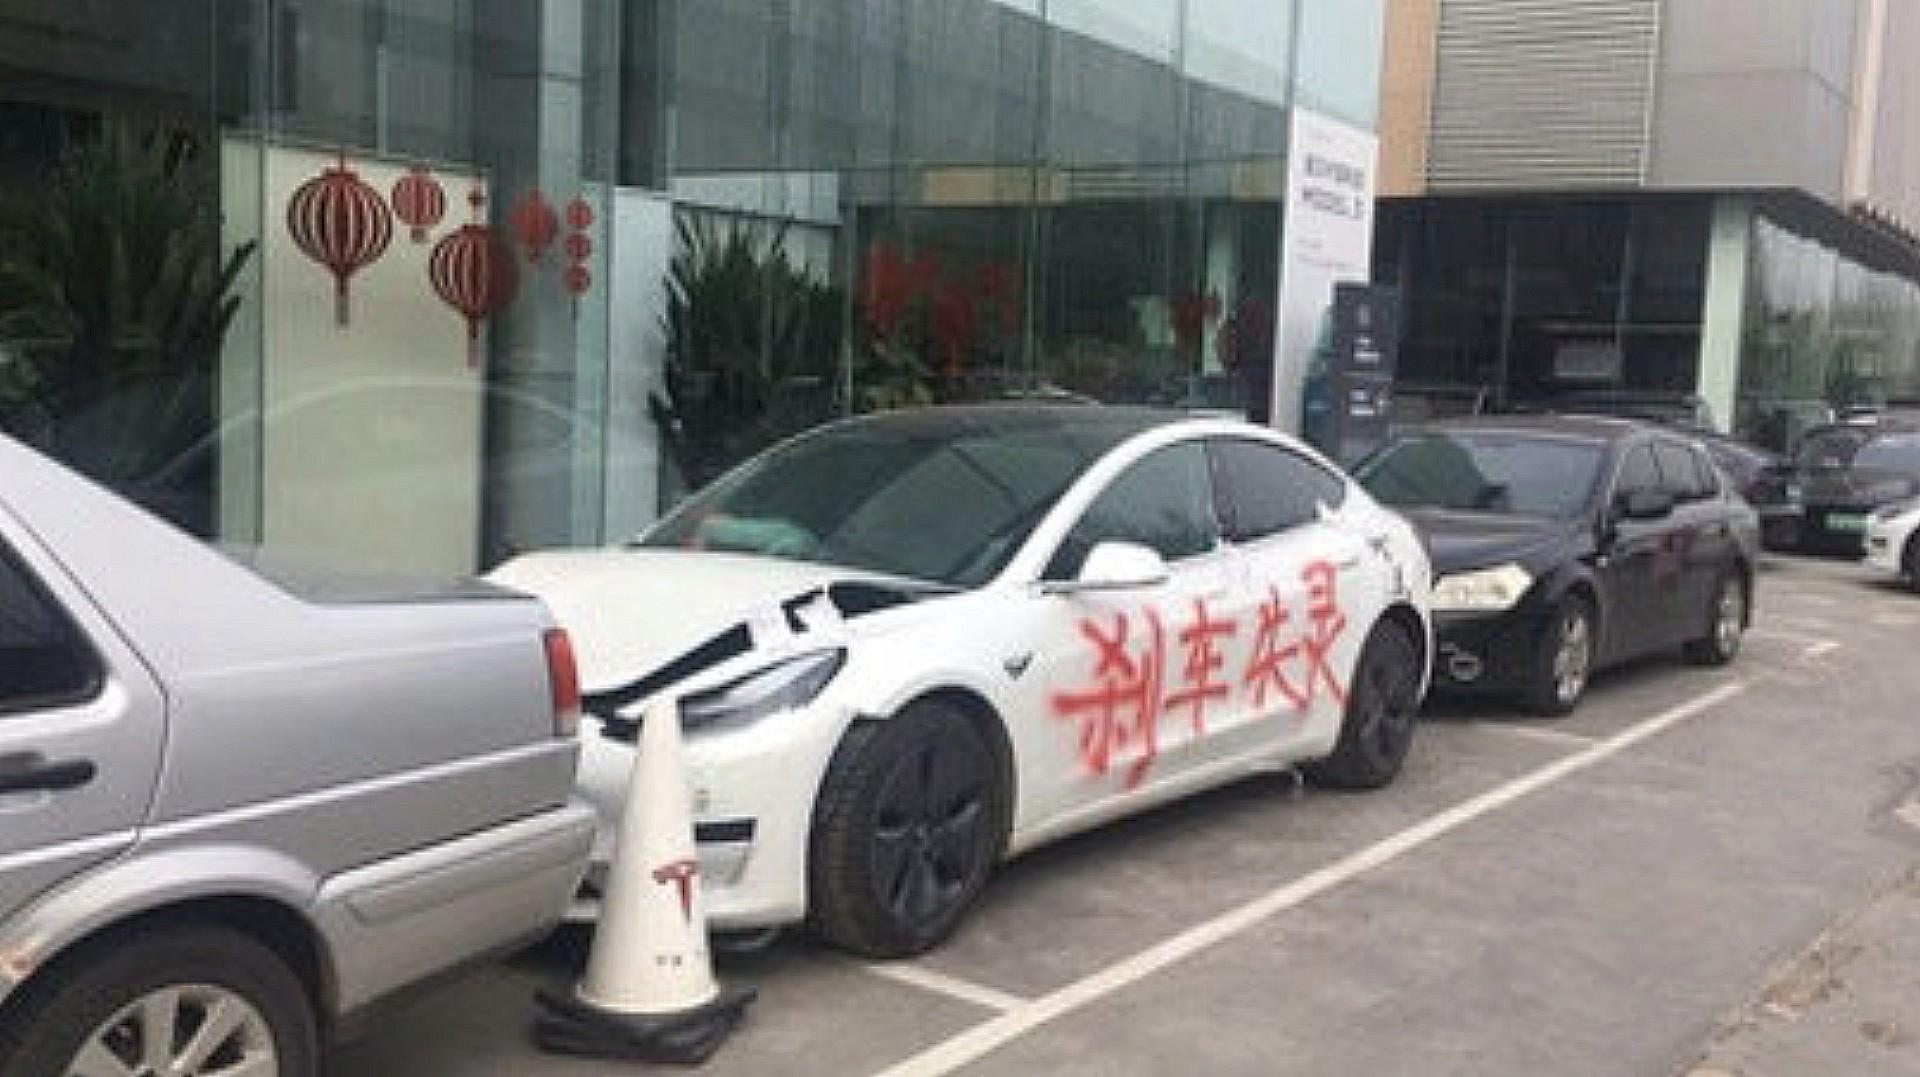 """Tesla заявила, что протестующий против """"отказа тормозов"""" осквернил Model 3, отказавшись от сторонних испытаний"""